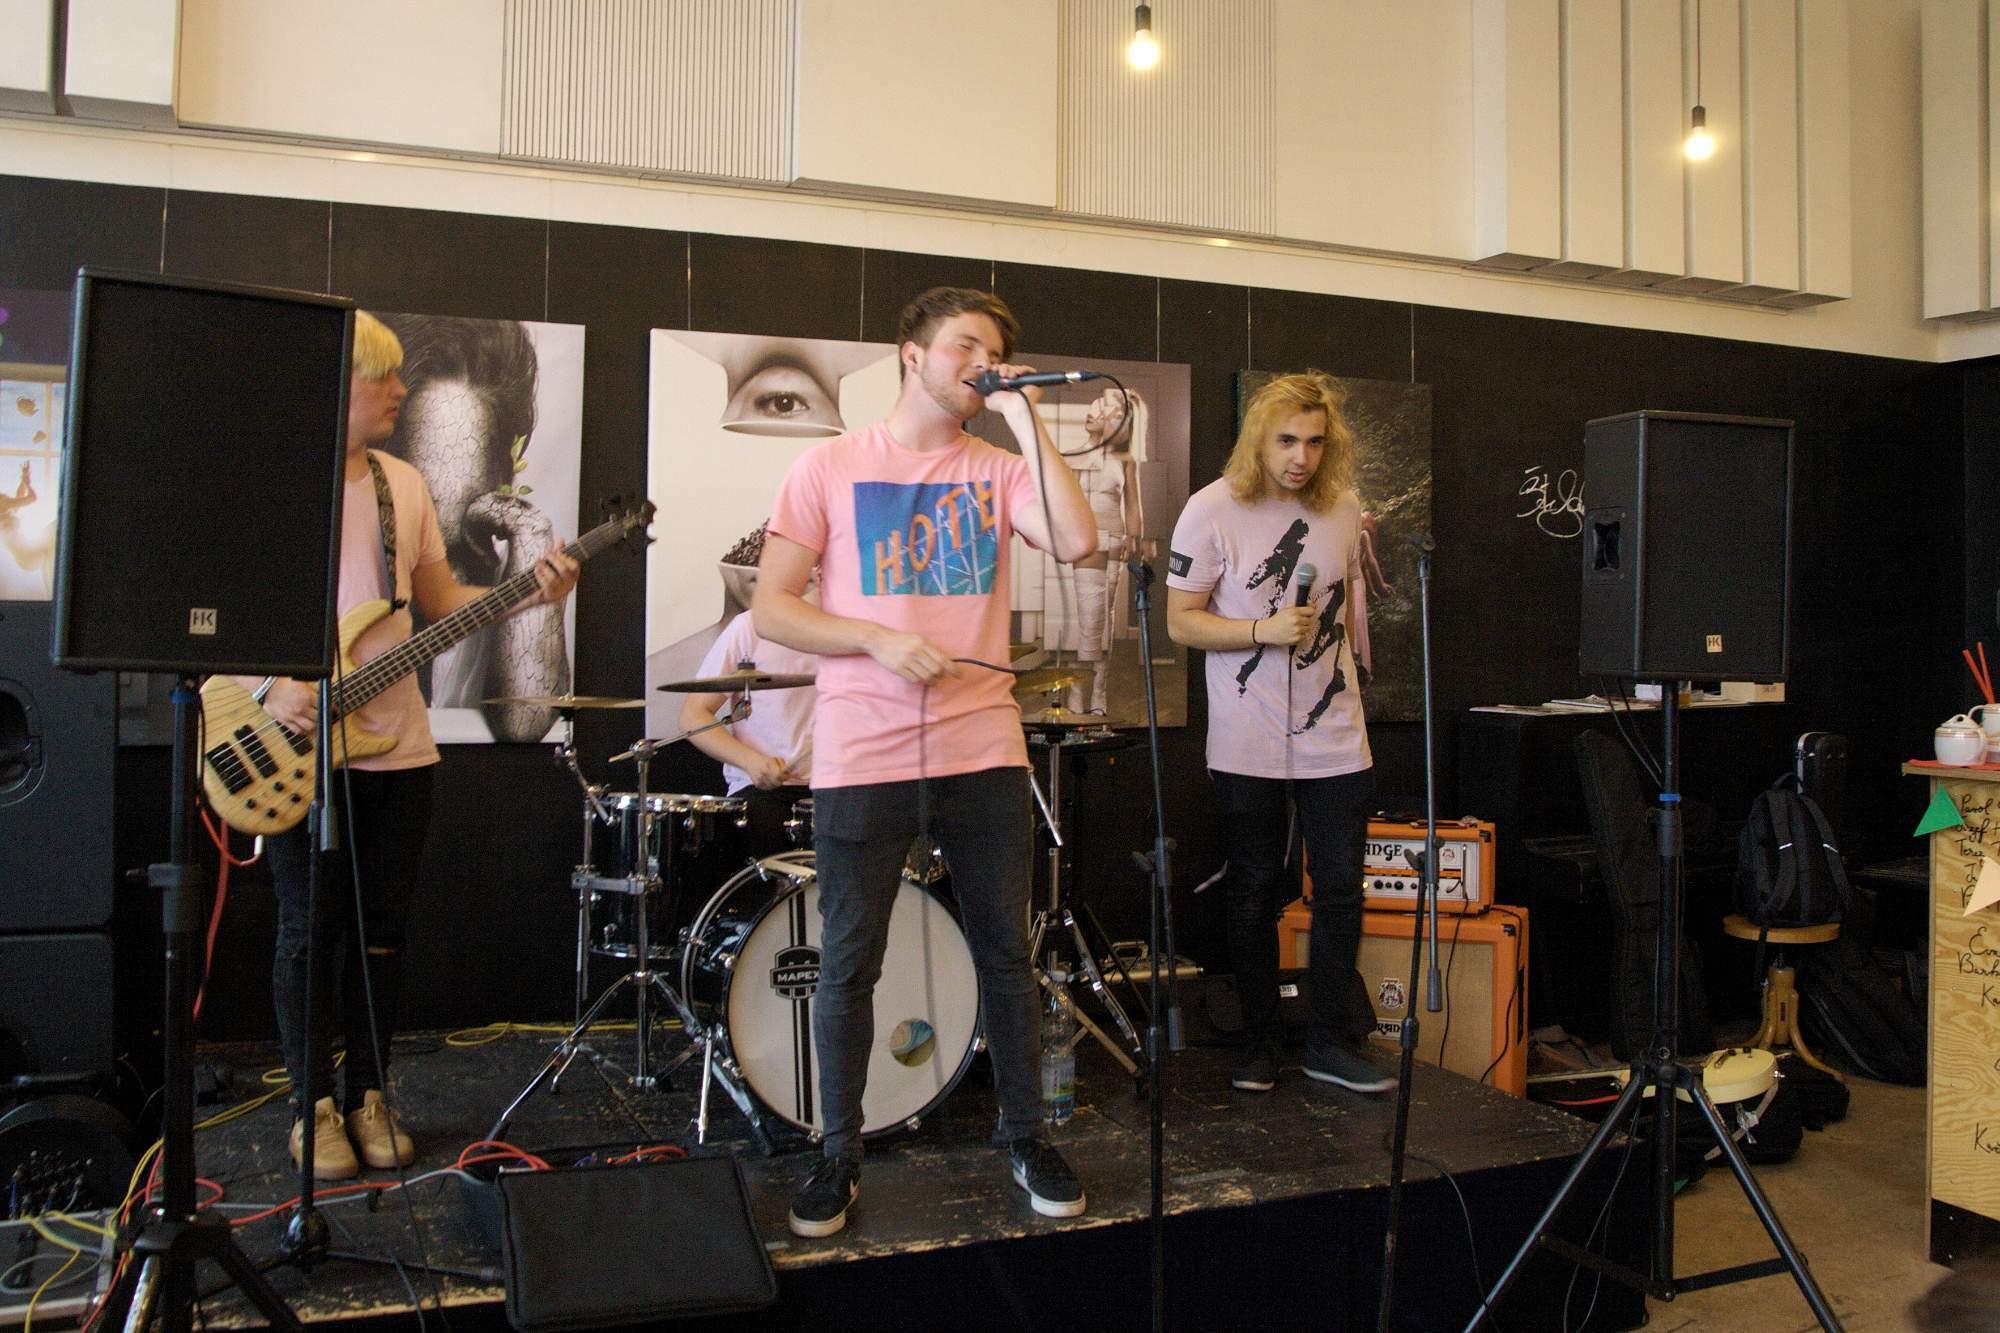 Na akci se představila i studentská metalová skupina Jake Loves Space. Hudebníci překvapili účastníky SemestrENDu svým hlučným projevem. Foto: Martina Hykšová